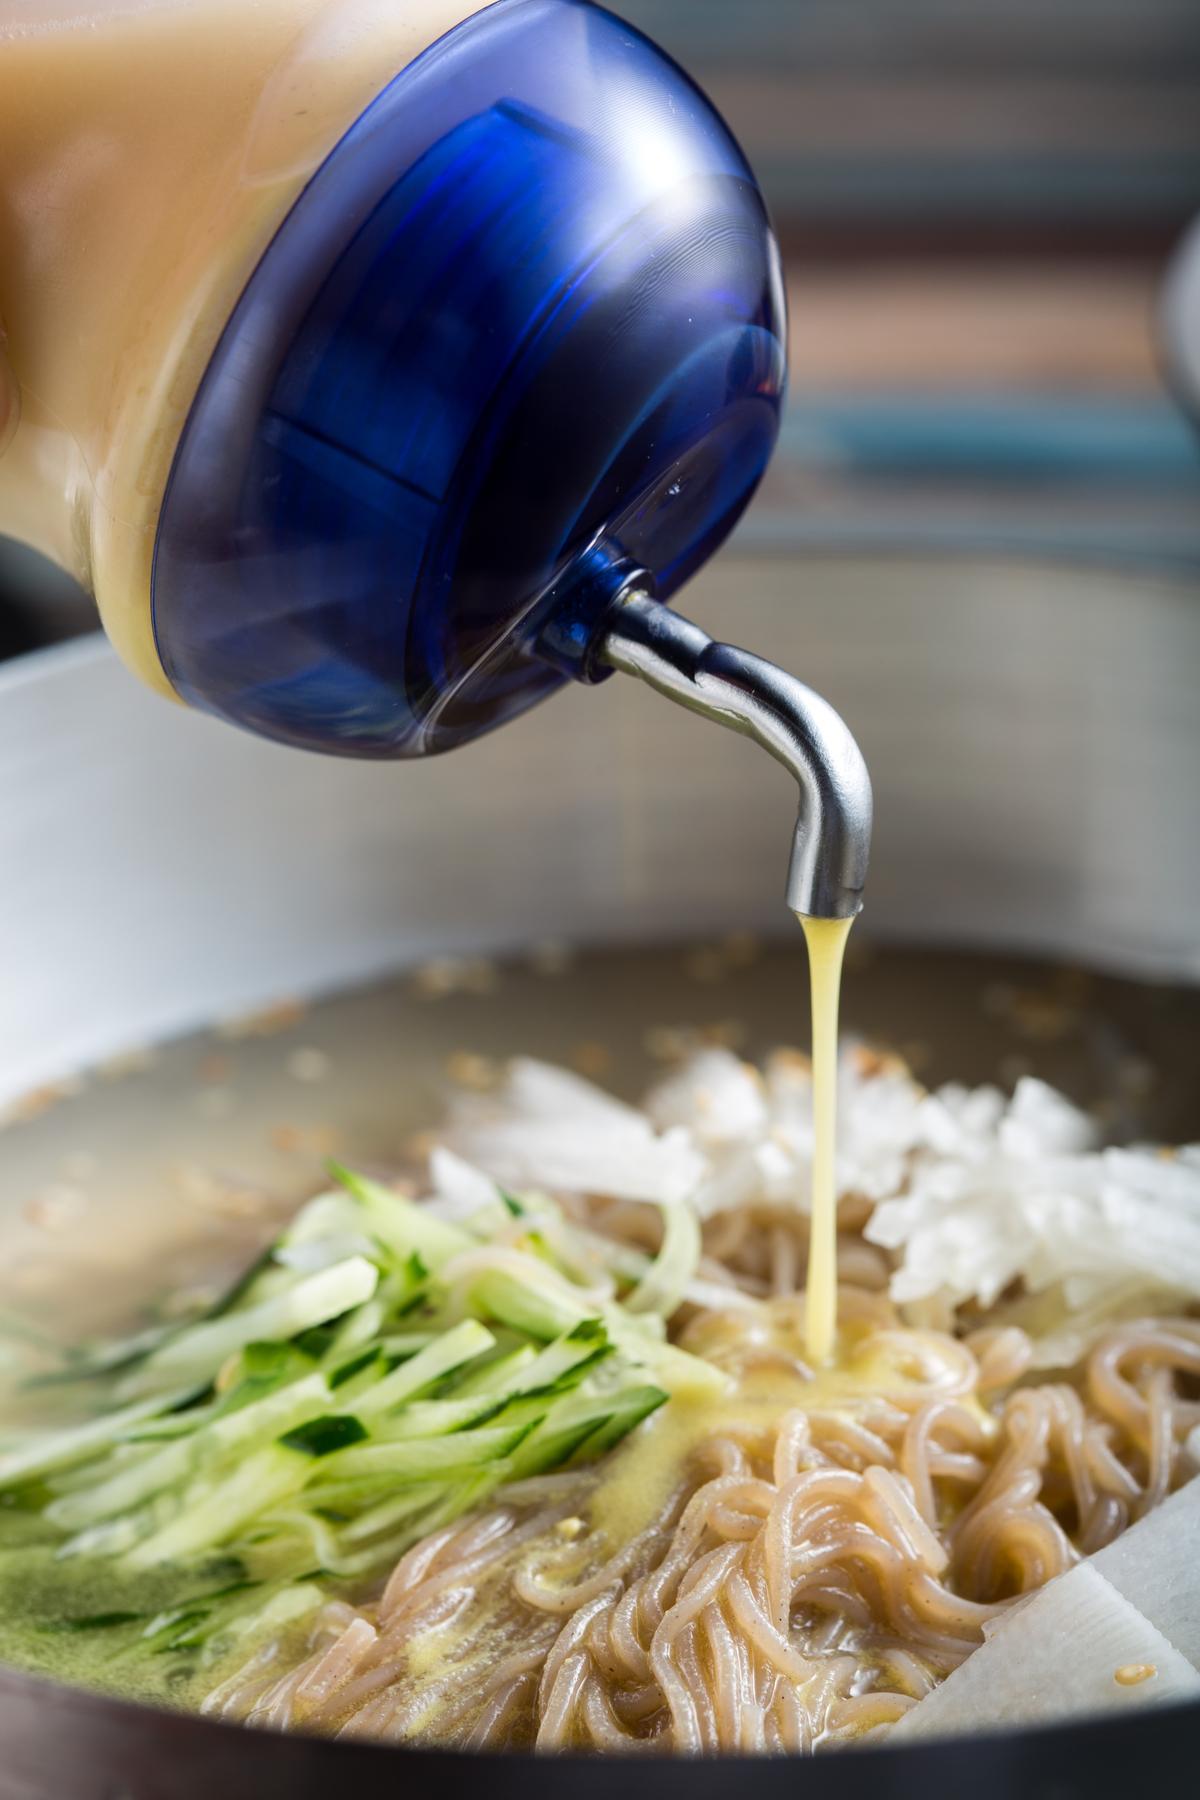 嘗過「韓式冷湯麵」的原味口感,可以再加點白醋和黃芥末醬,滋味變得酸甜微嗆。